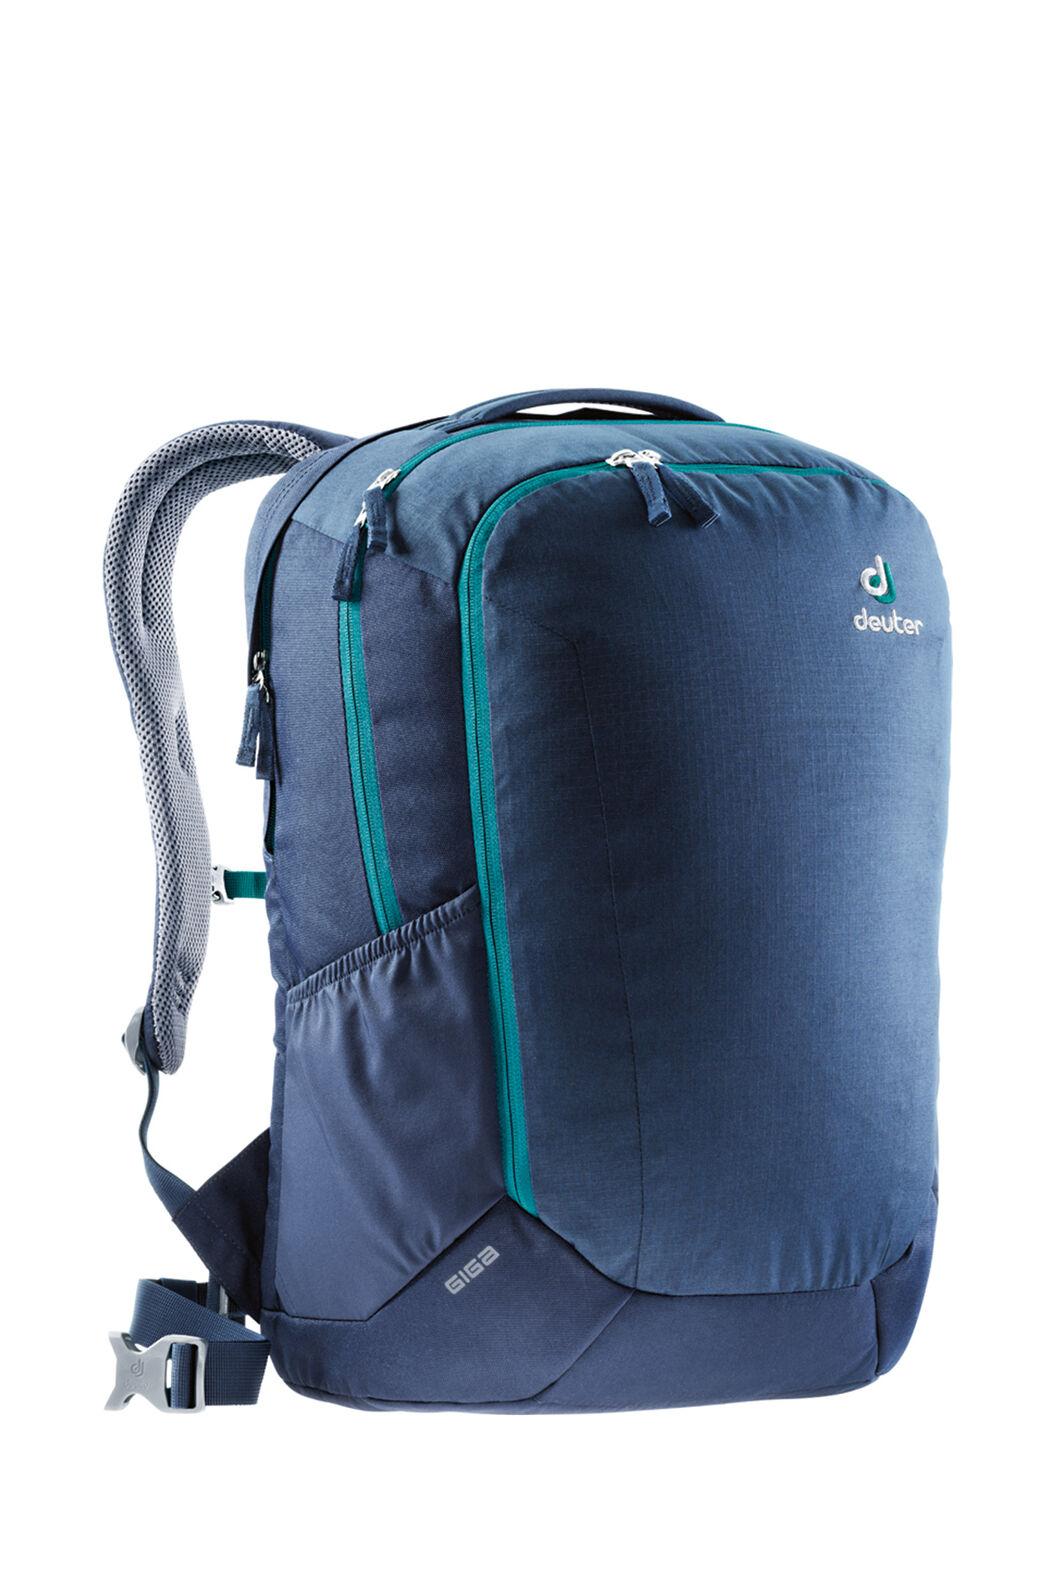 Deuter Giga Travel Pack 28L, MIDNIGHT/NAVY, hi-res